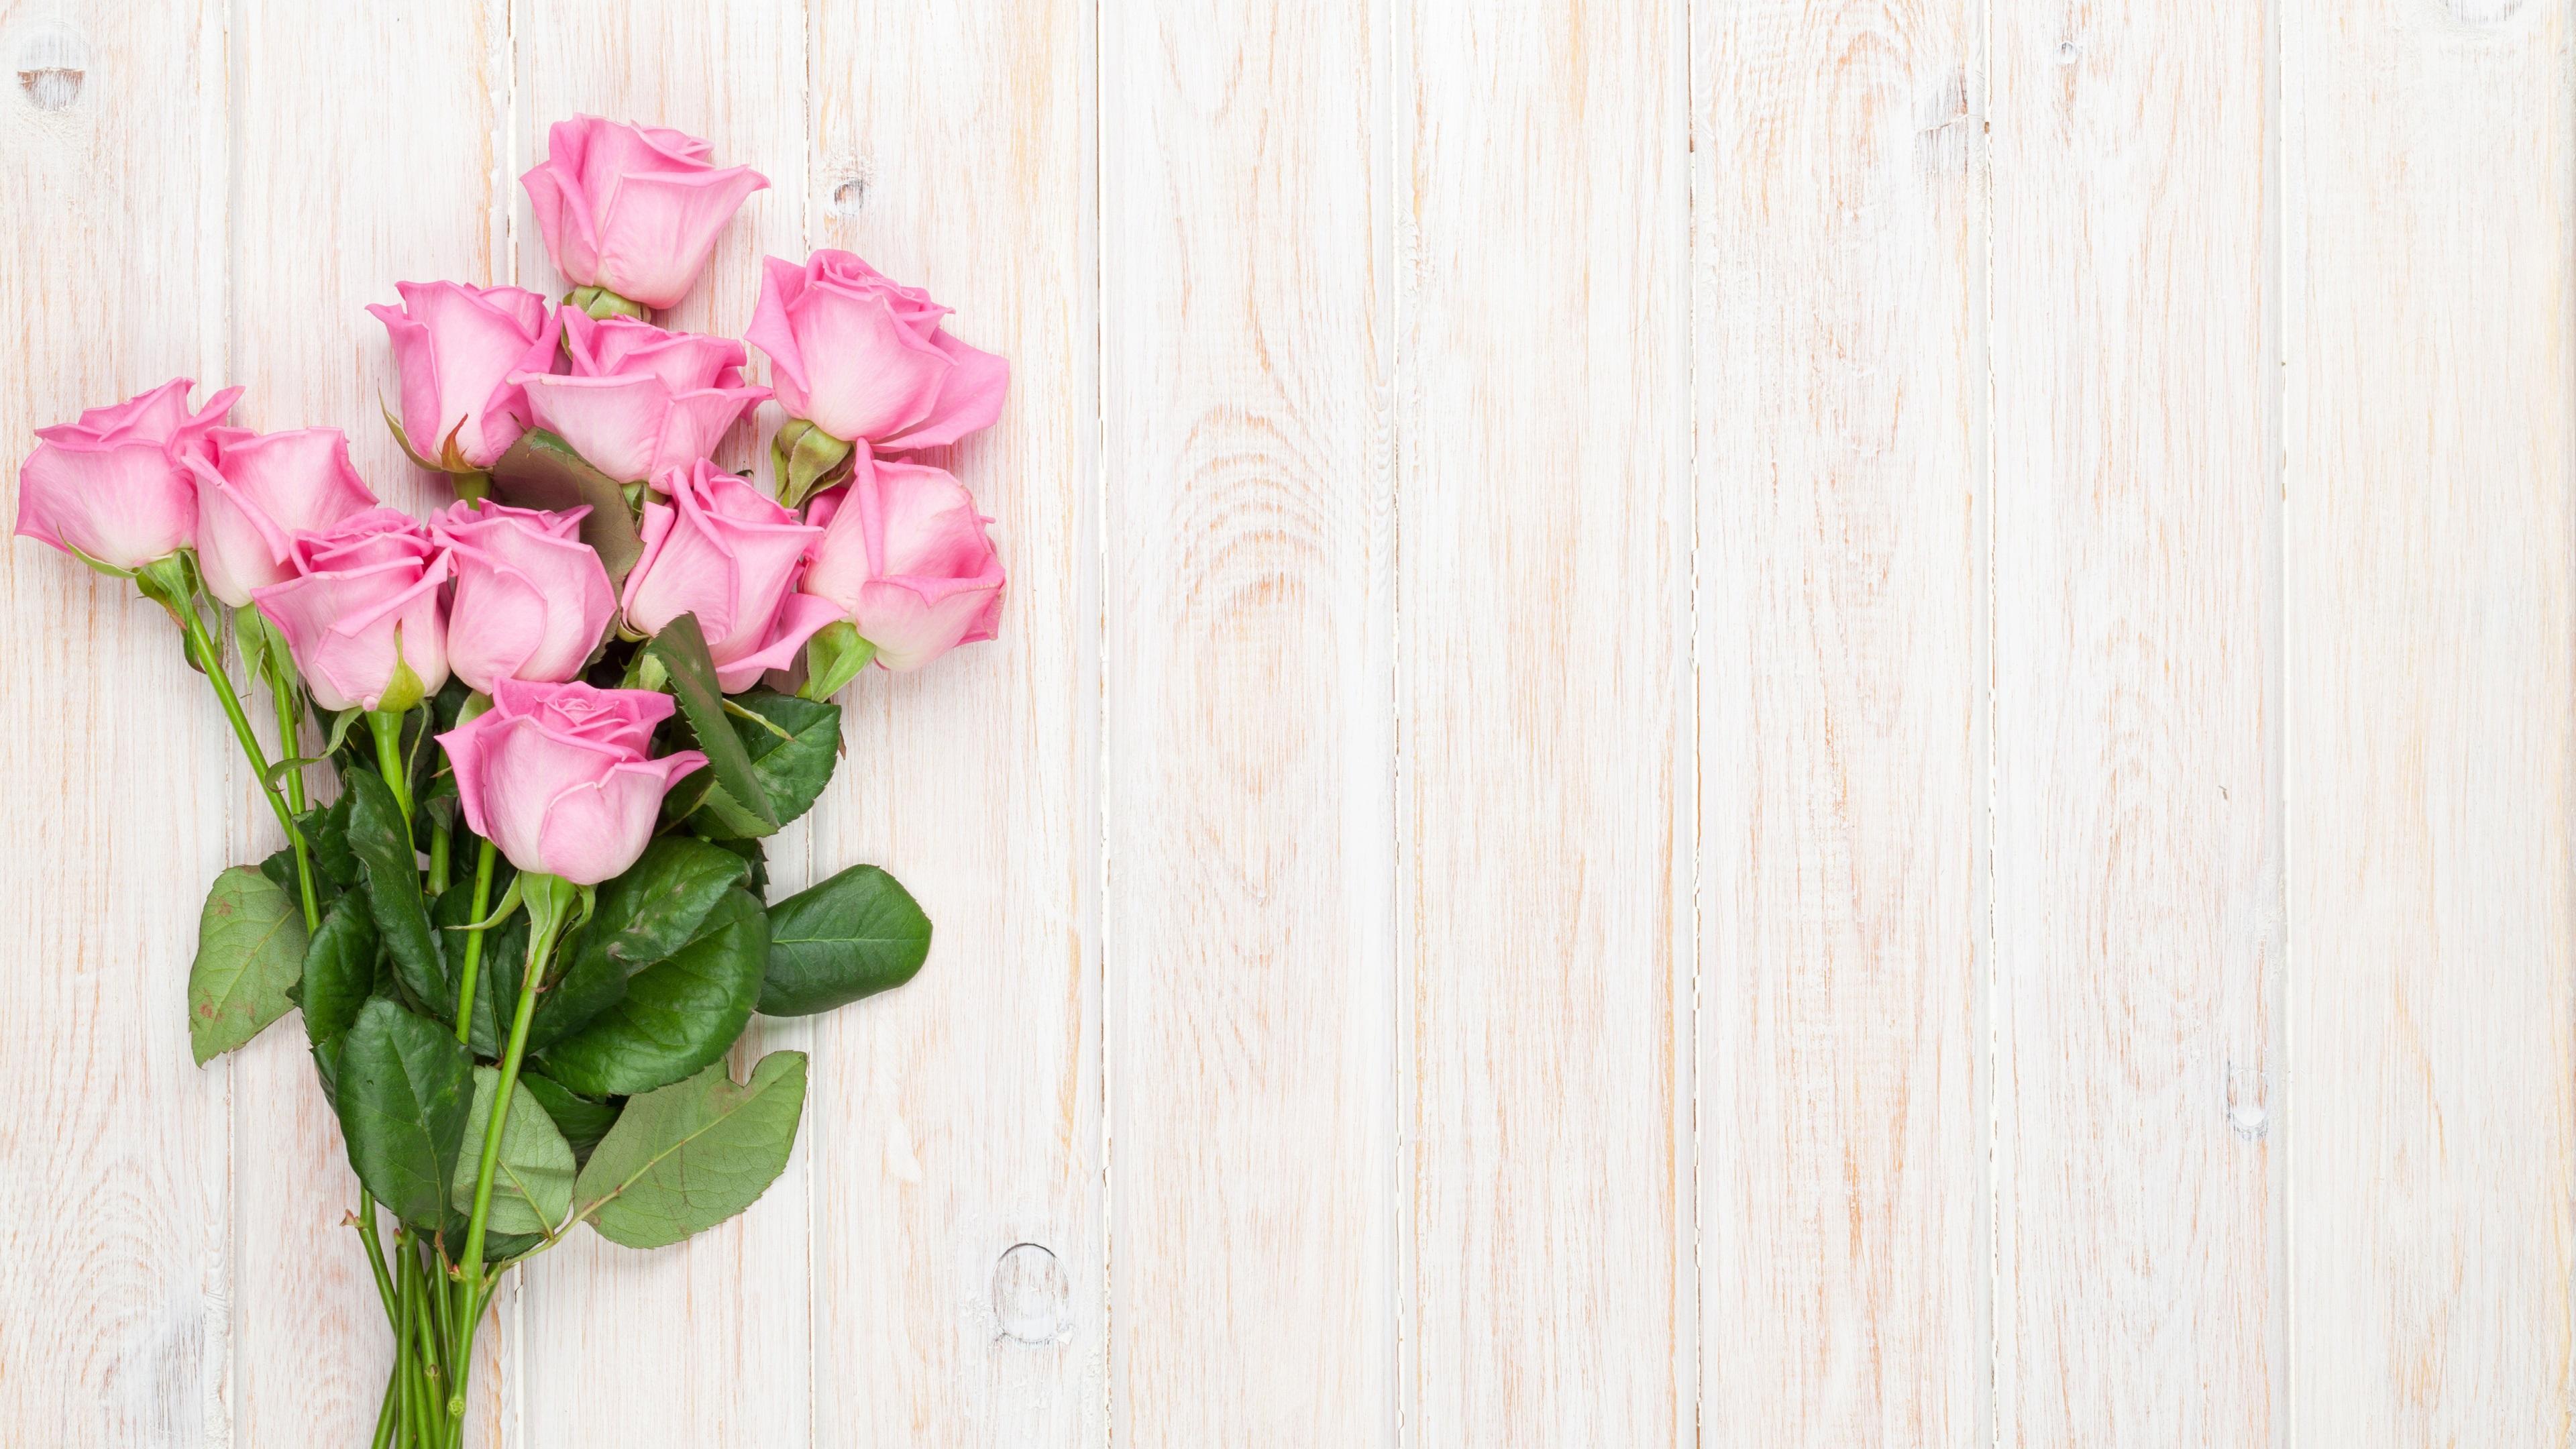 Fondos De Pantalla Rosa: Fondos De Pantalla Ramo, Flores Rosadas, Rosas, Fondo De